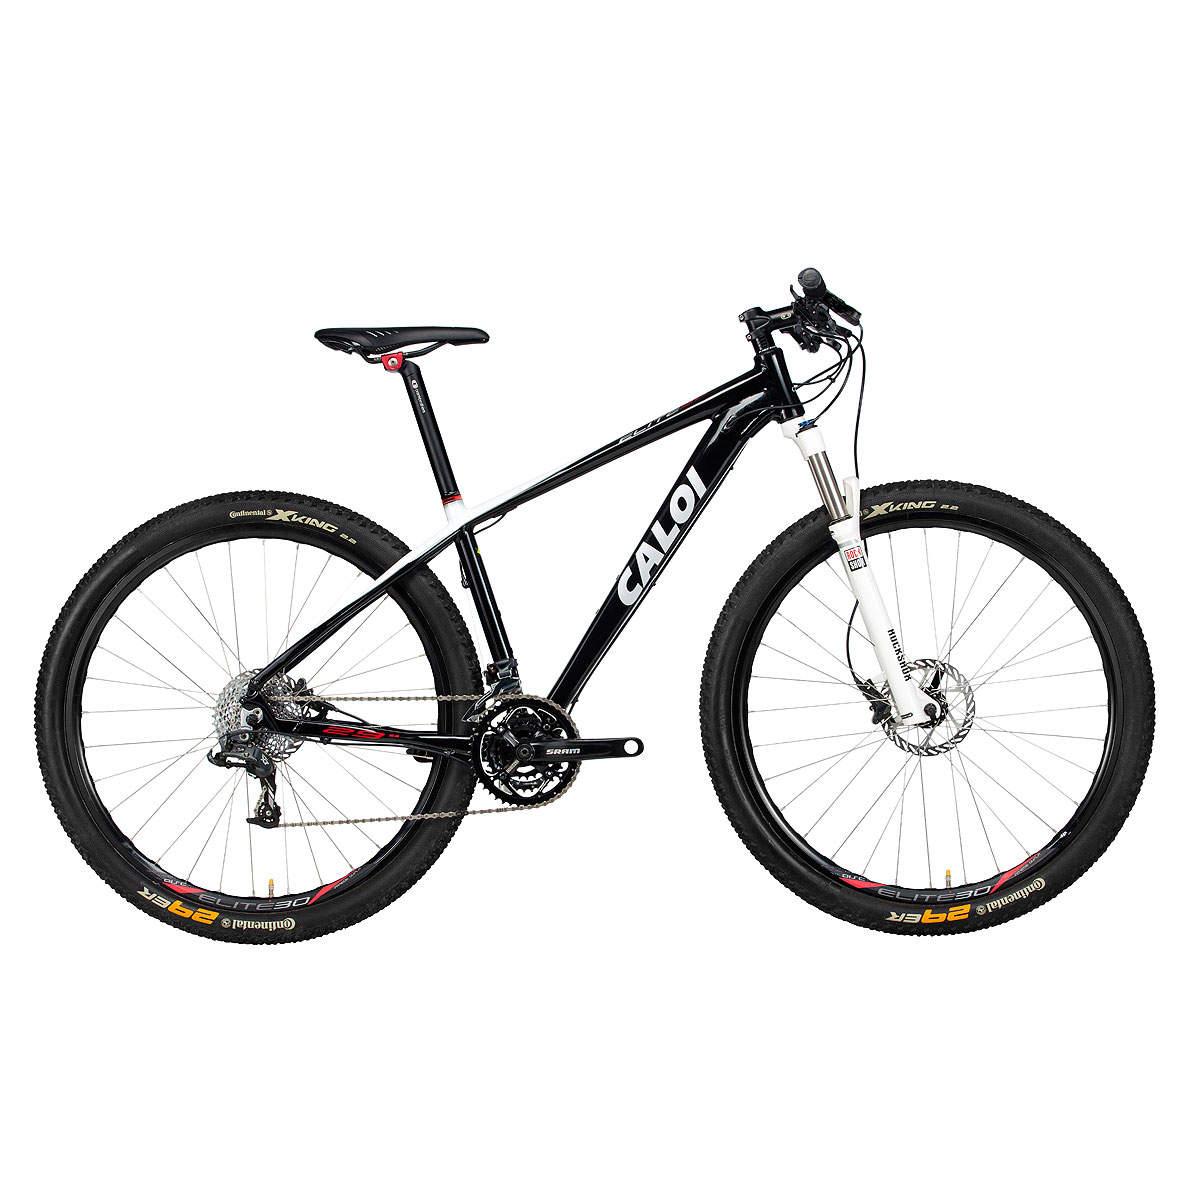 Centauro: Bicicleta Caloi Elite 30 com 15% de desconto + 5% no boleto